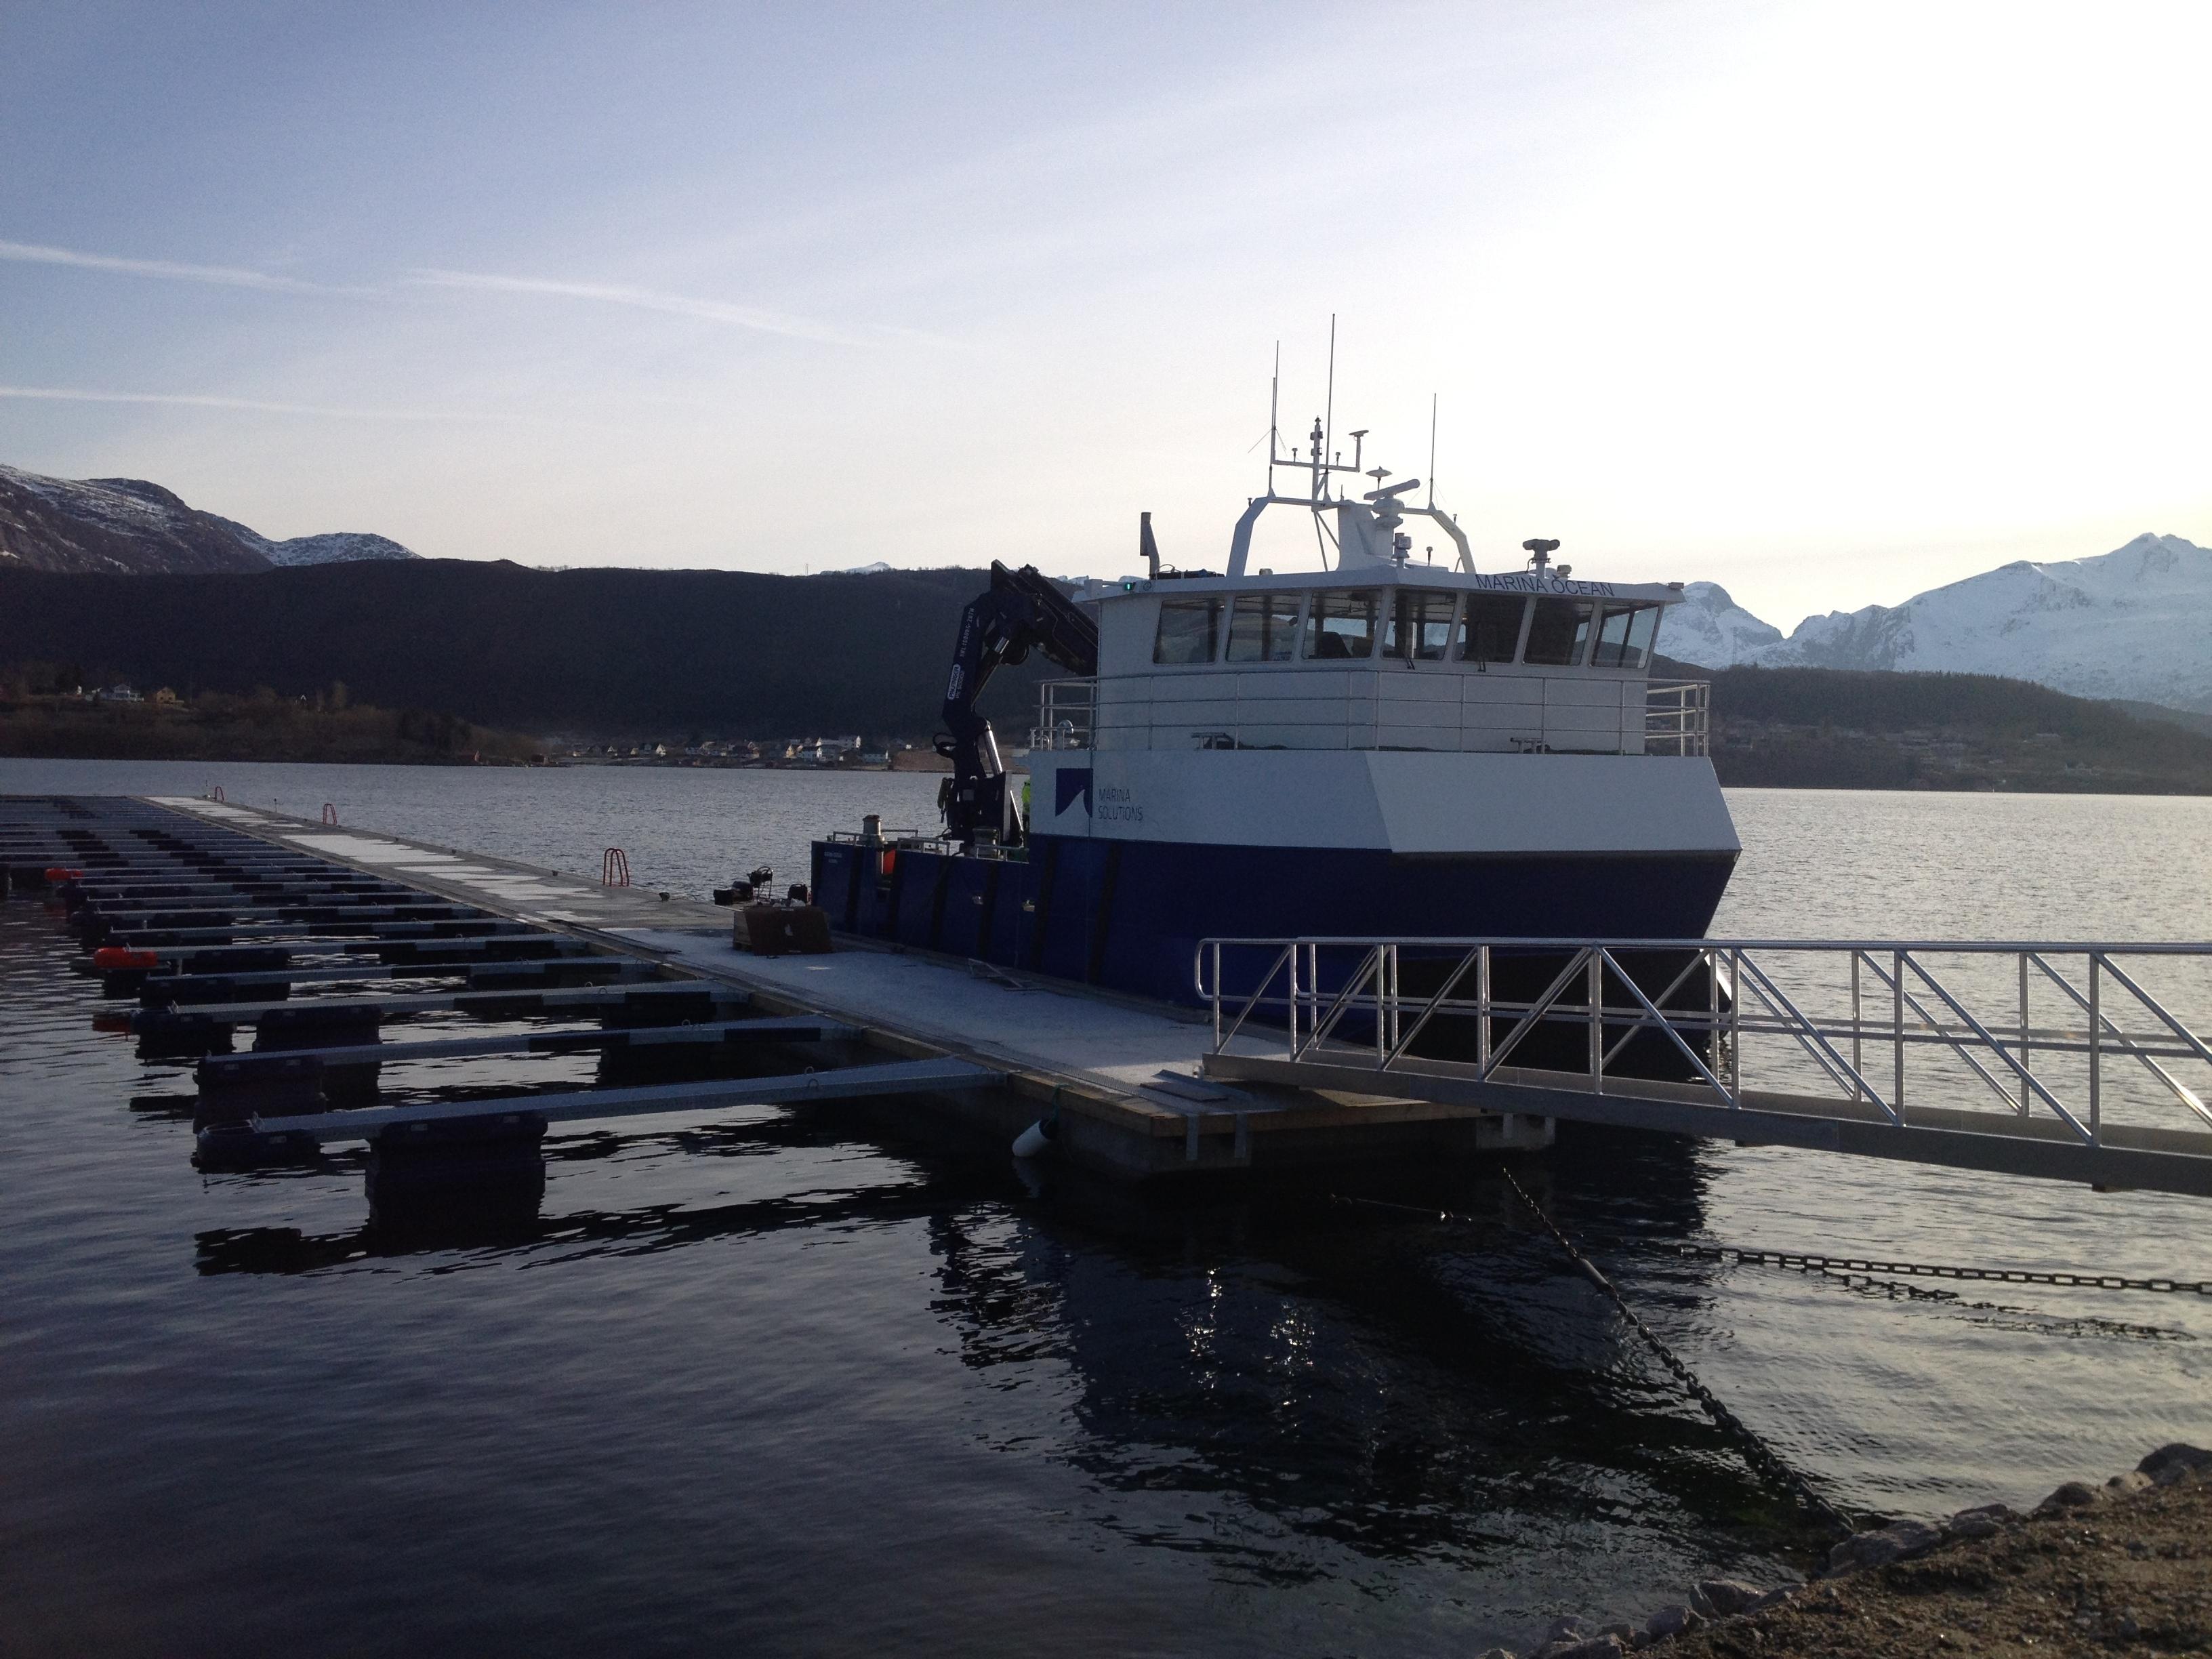 https://marinasolutions.no/uploads/Ørnes-båtforening.JPG